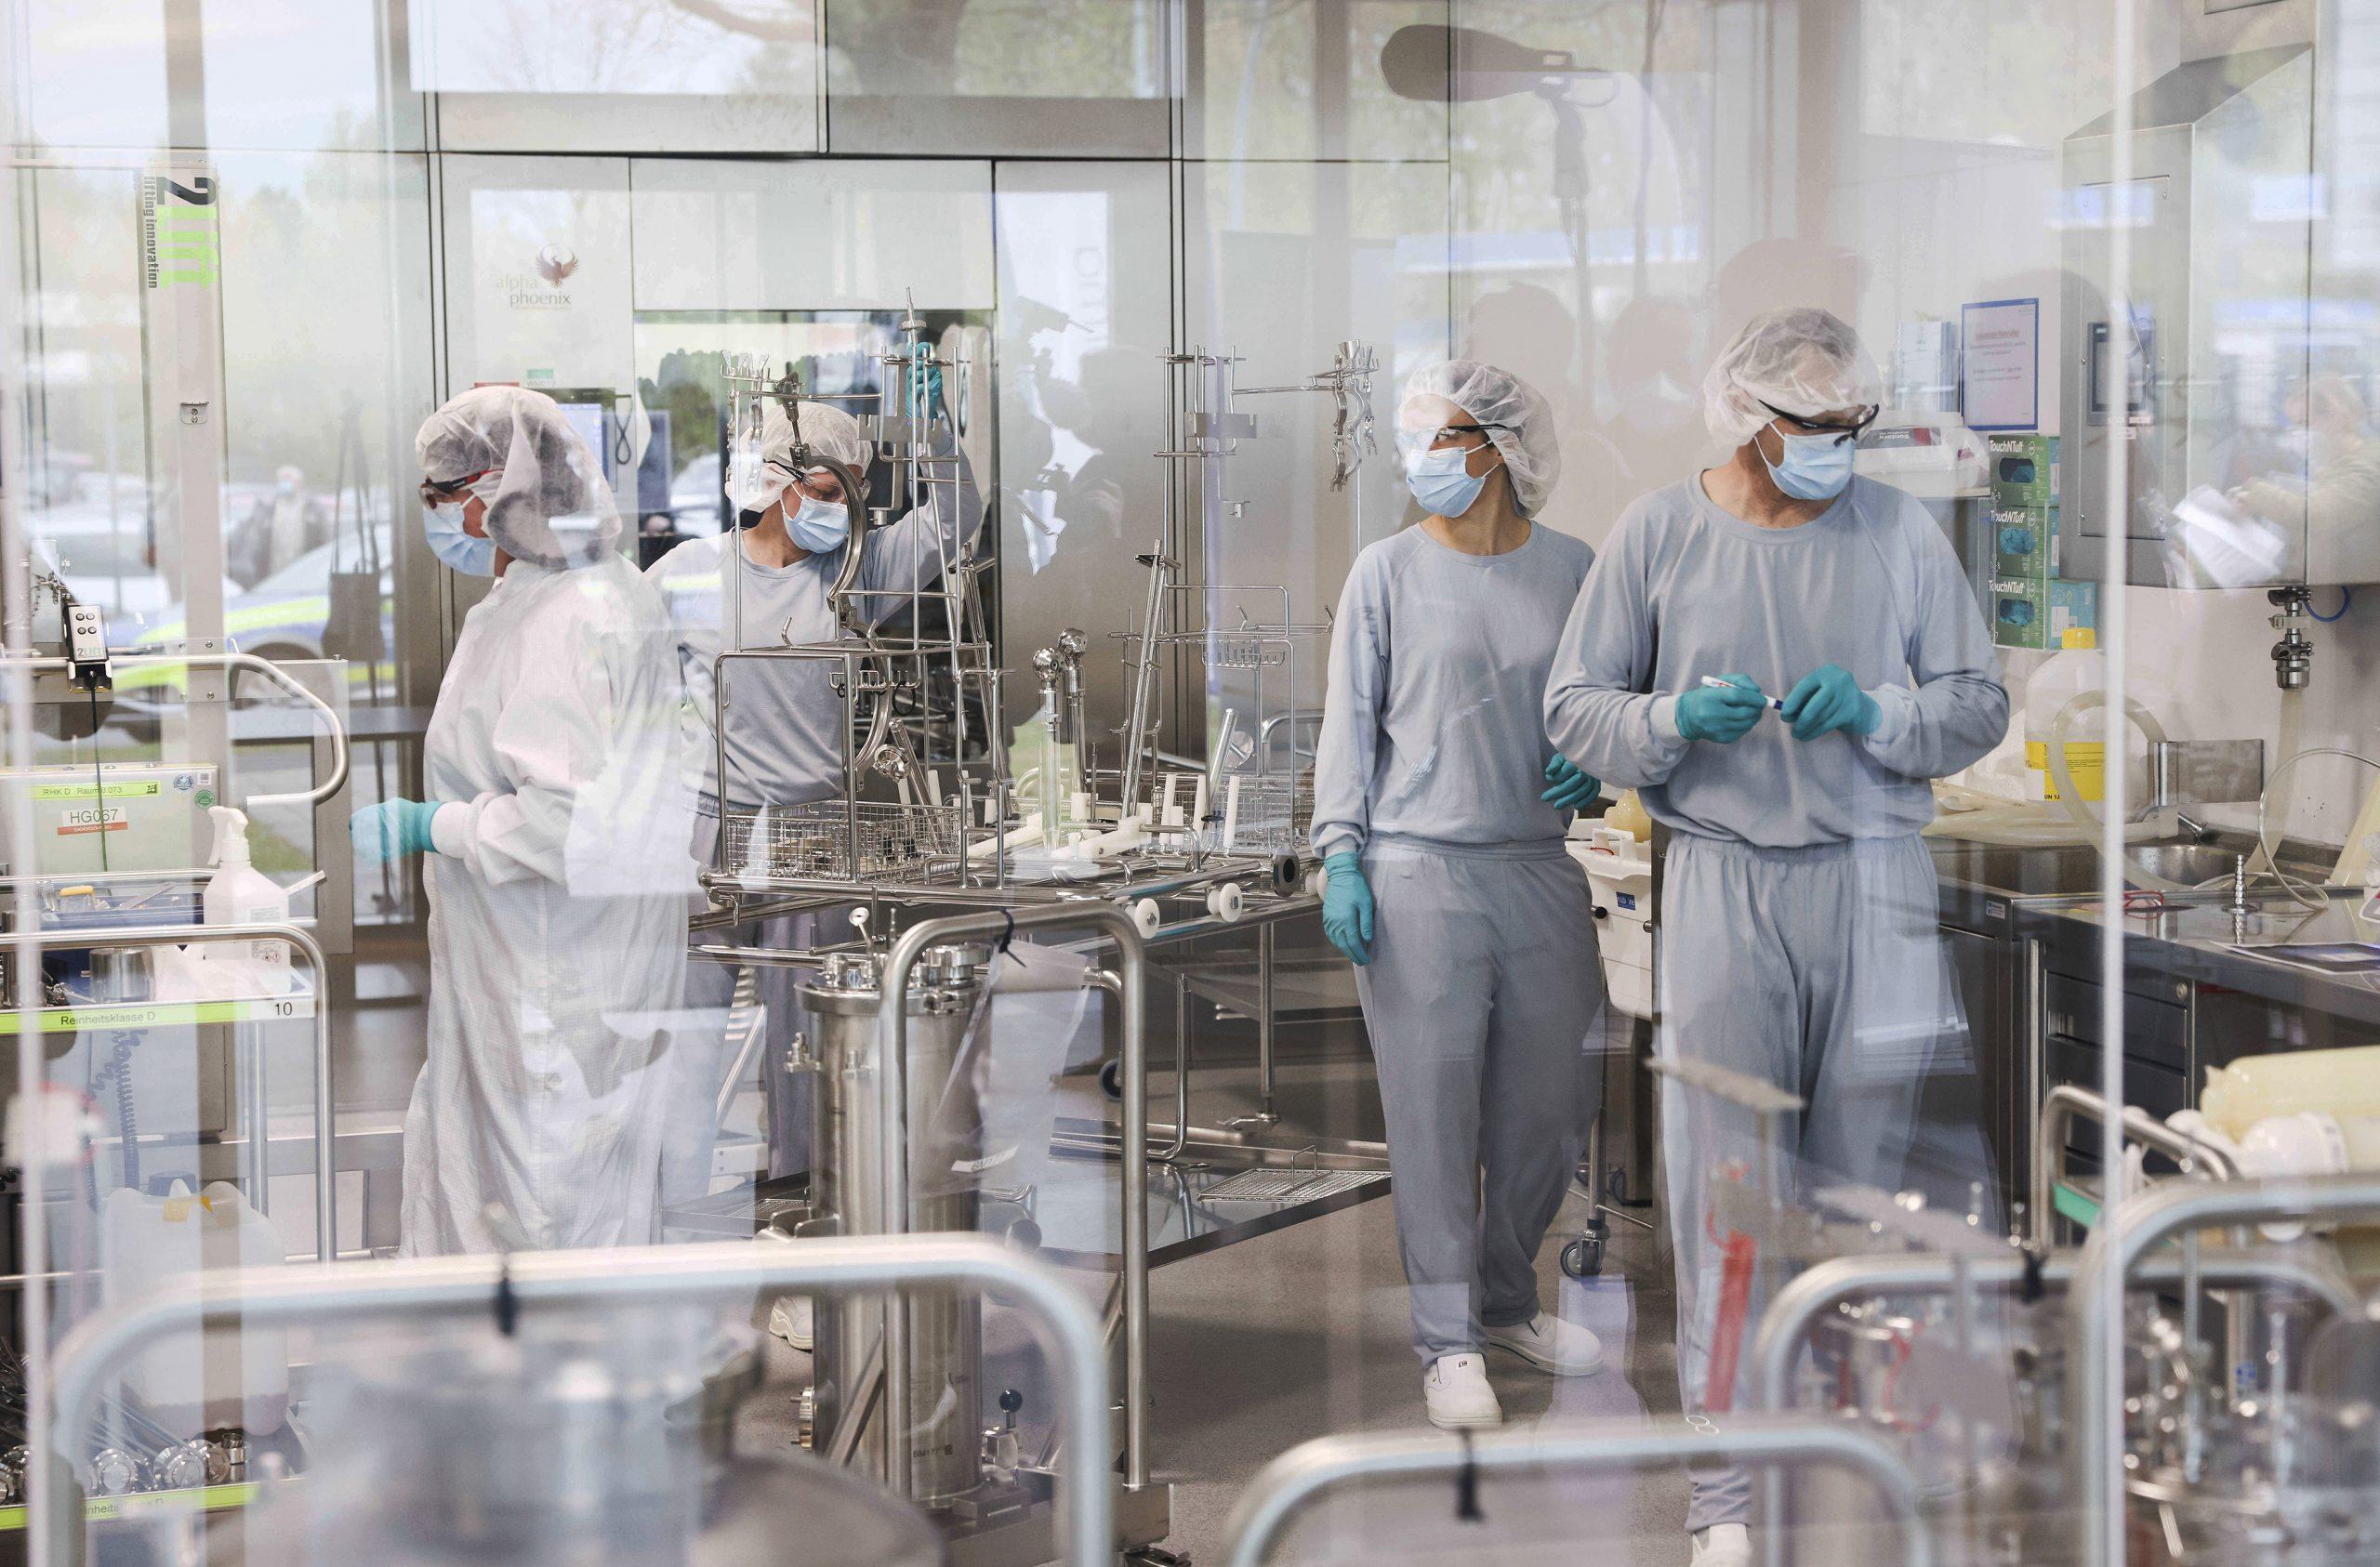 Dans les locaux d'un site de production du vaccin Pfizer à Reinbeck, en Allemagne, le 20 avril 2021.